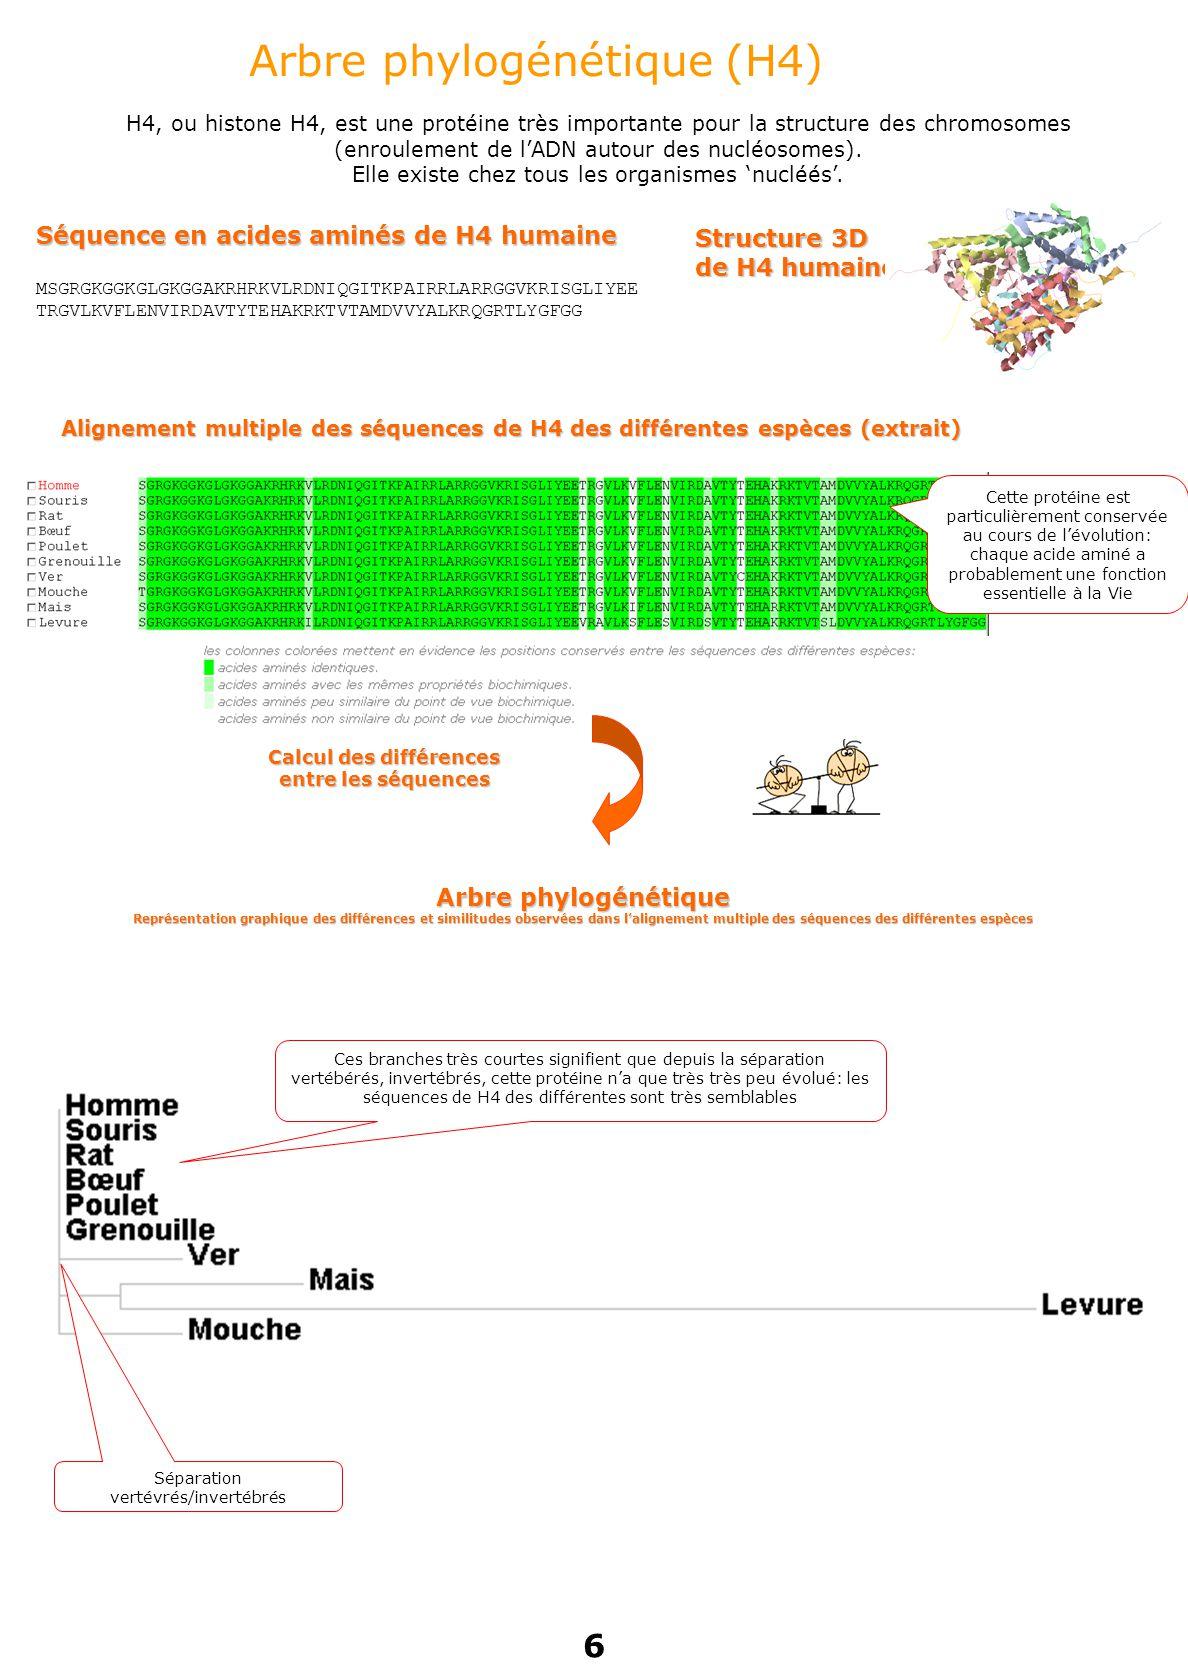 Calcul des différences entre les séquences